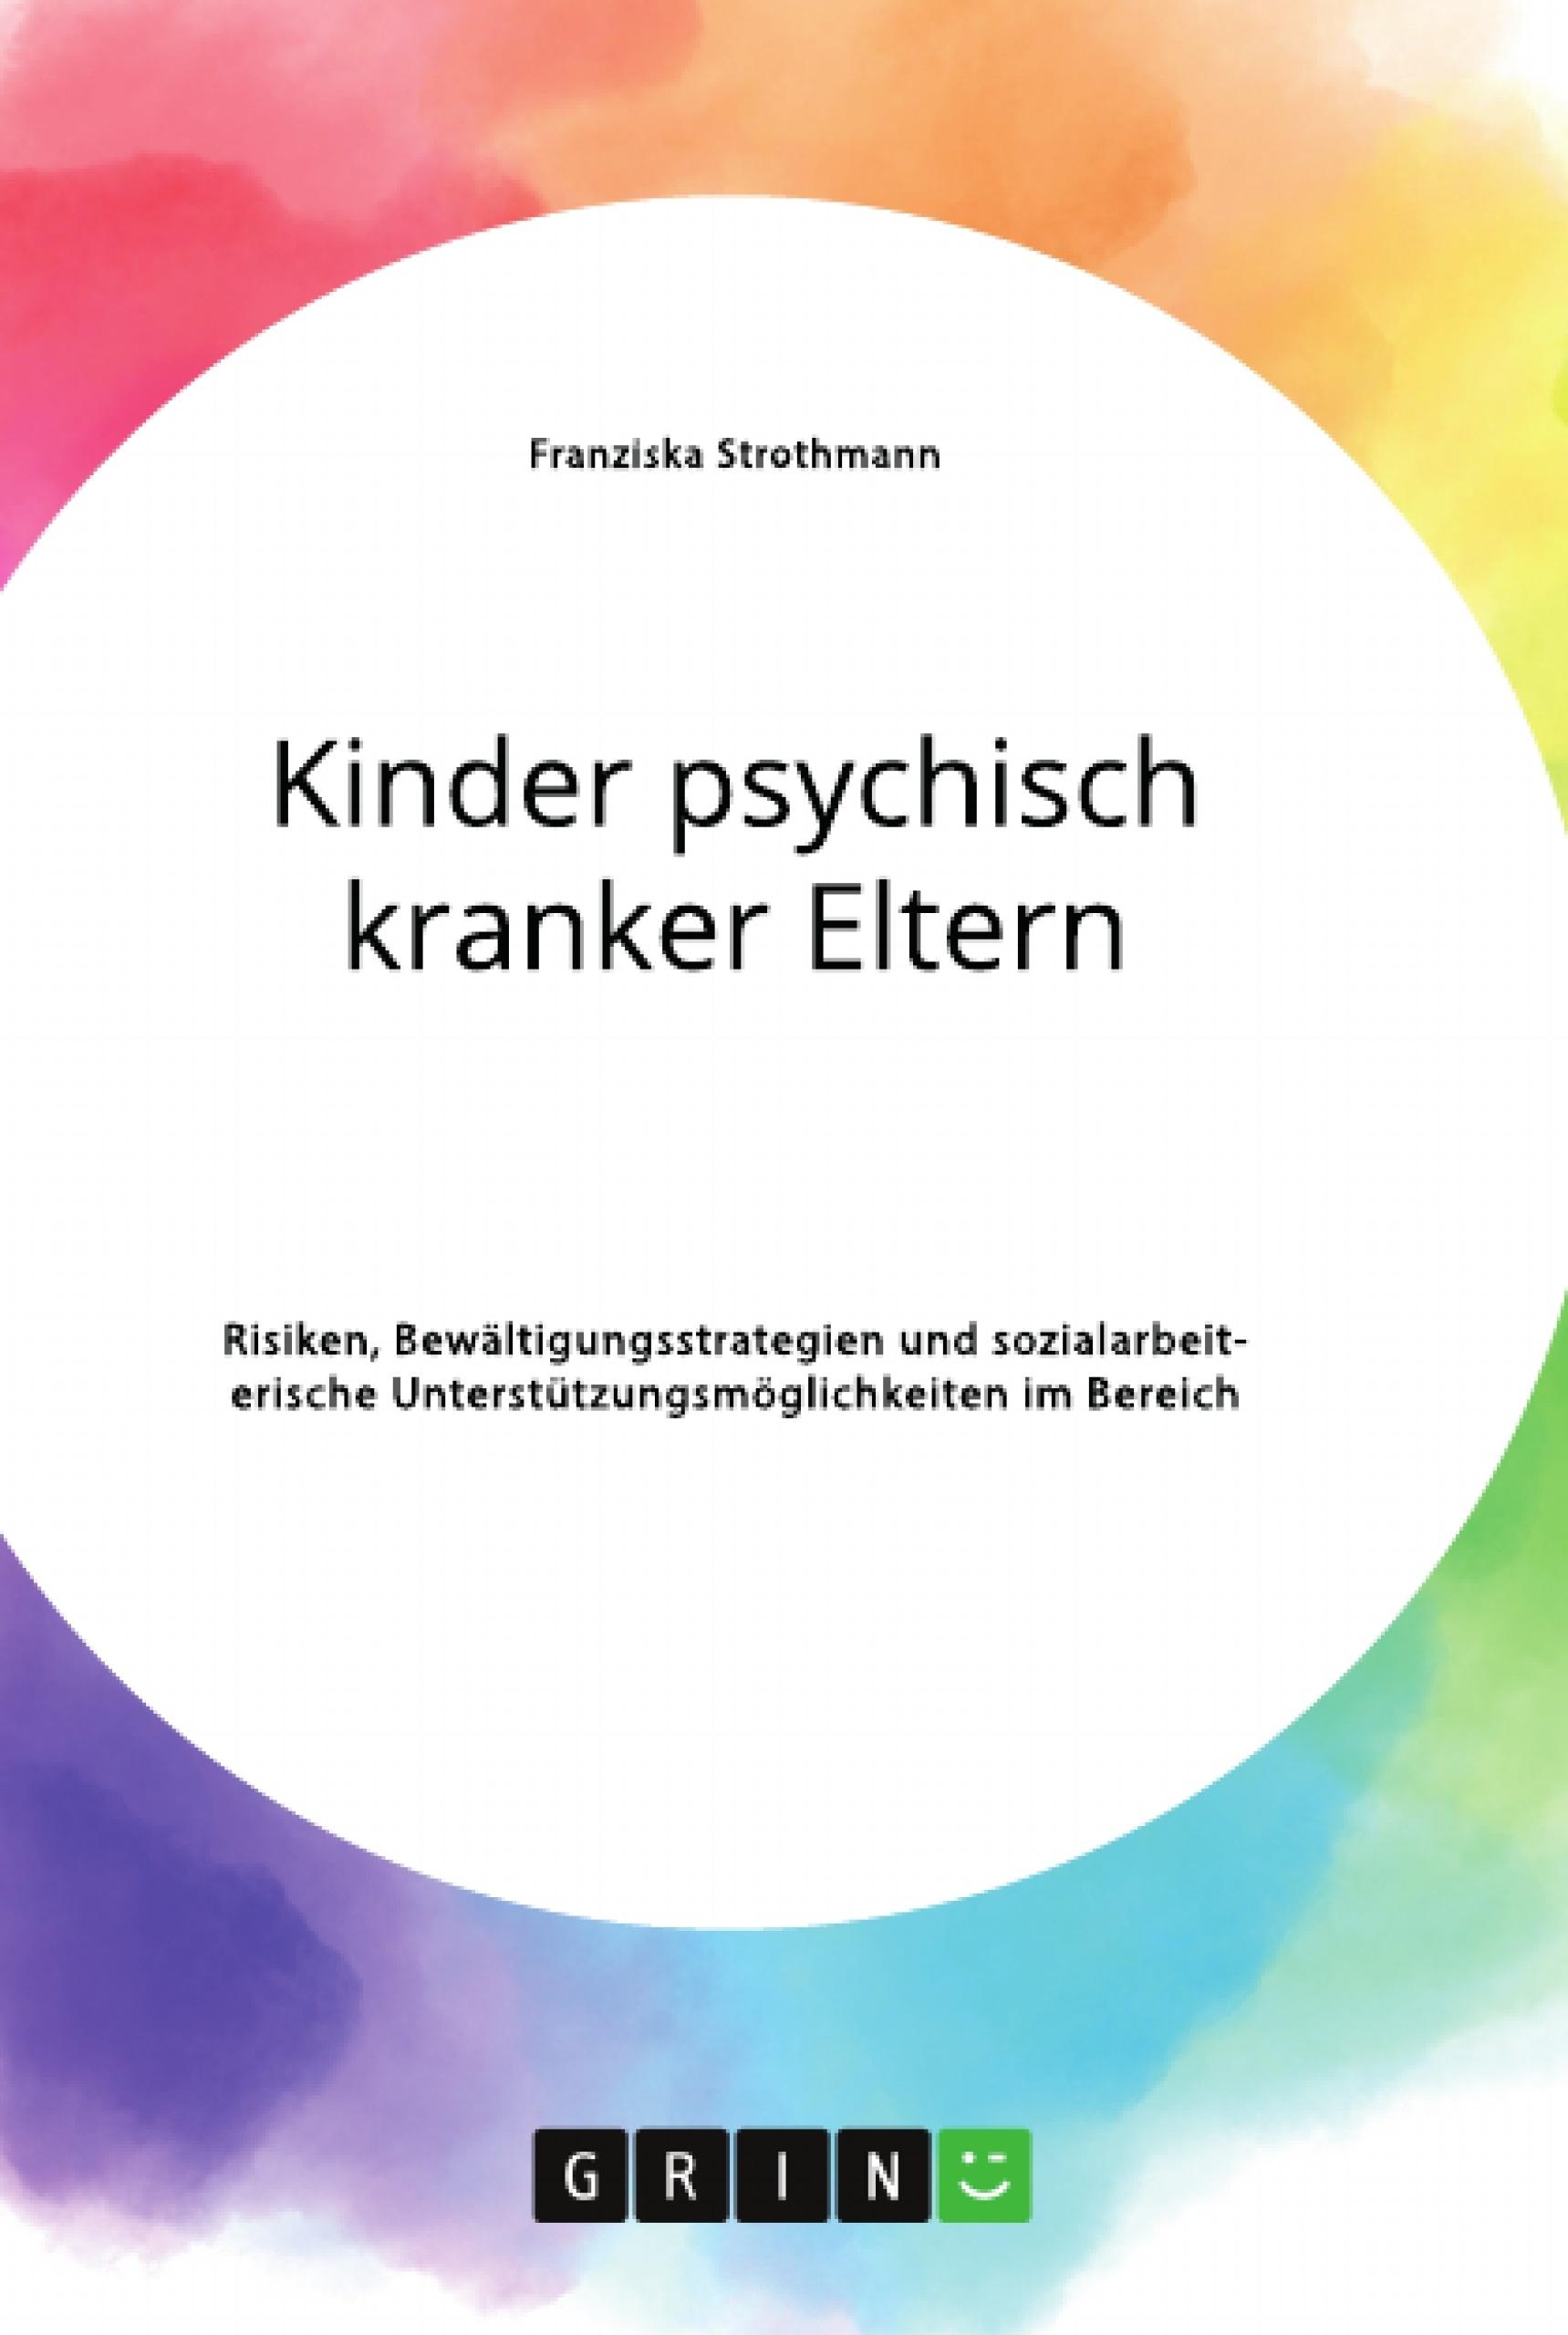 Titel: Kinder psychisch kranker Eltern. Risiken, Bewältigungsstrategien und sozialarbeiterische Unterstützungsmöglichkeiten im Bereich der Psychiatrie